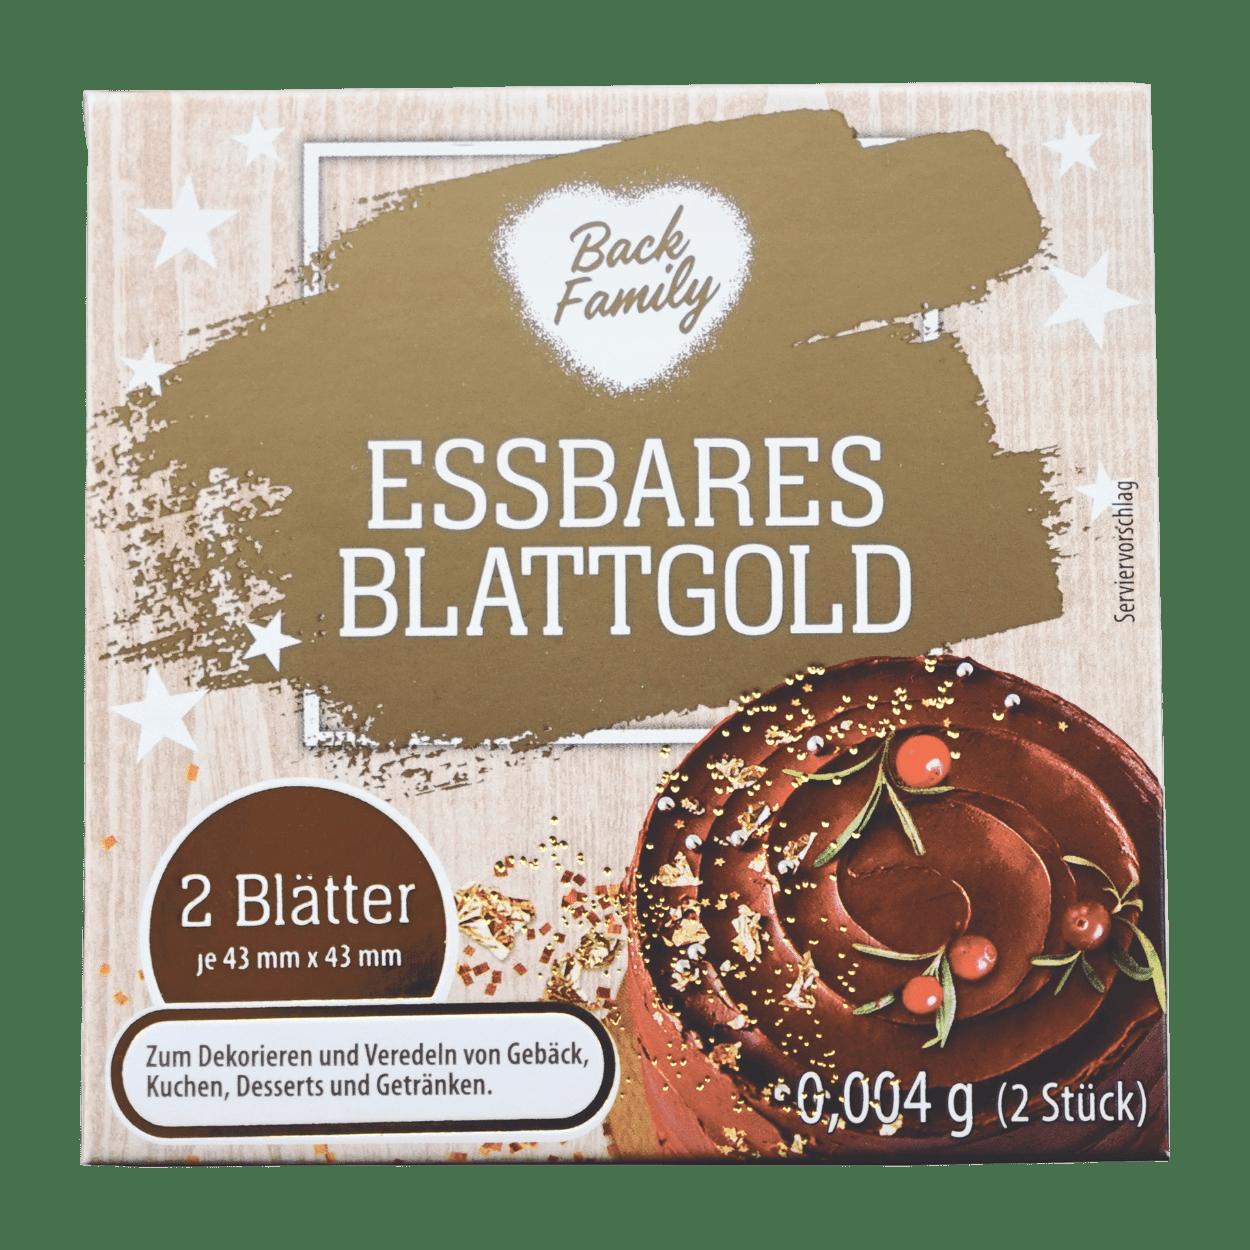 Back Family Essbares Blattgold Gunstig Bei Aldi Nord